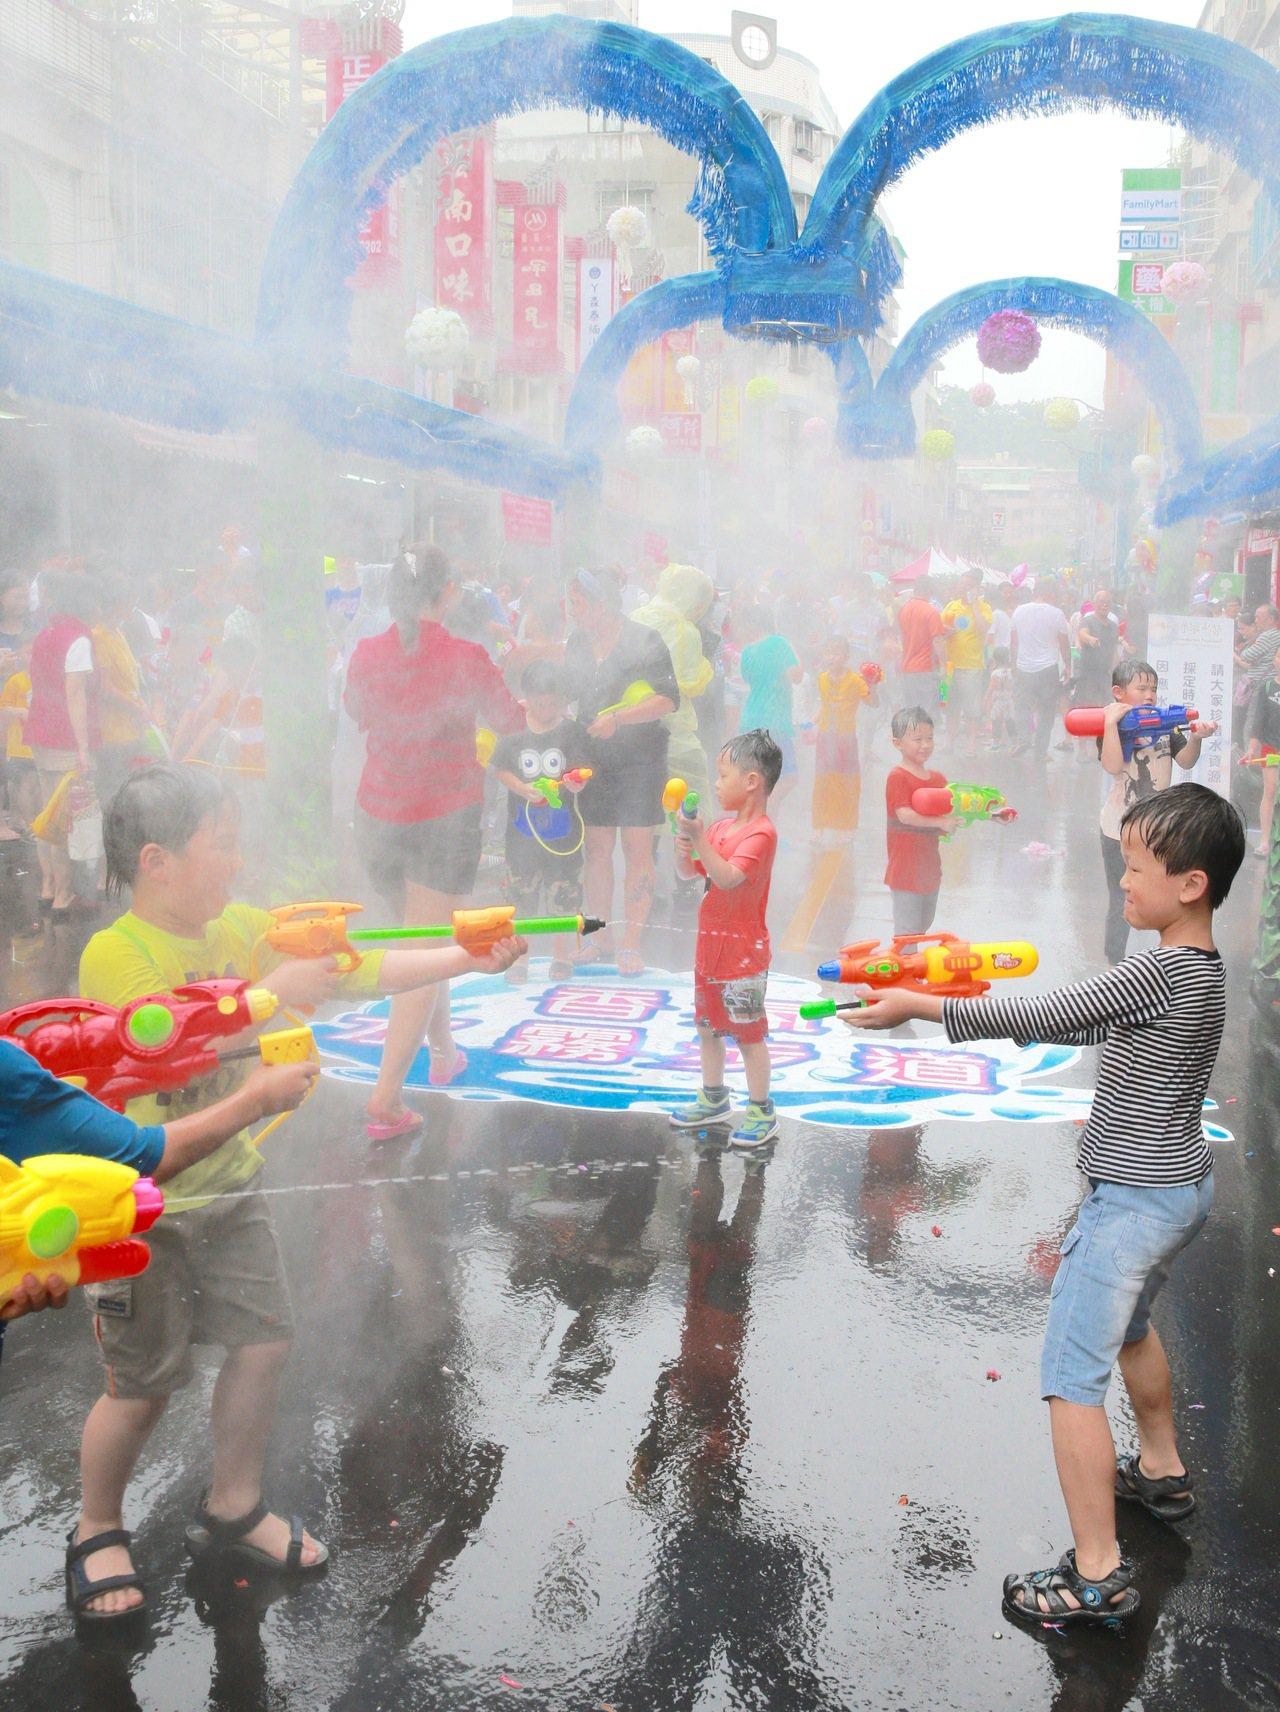 「2017新北巿撥水節」上午在華新街舉行,在台灣展現多元文化及珍惜水資源的考量下...